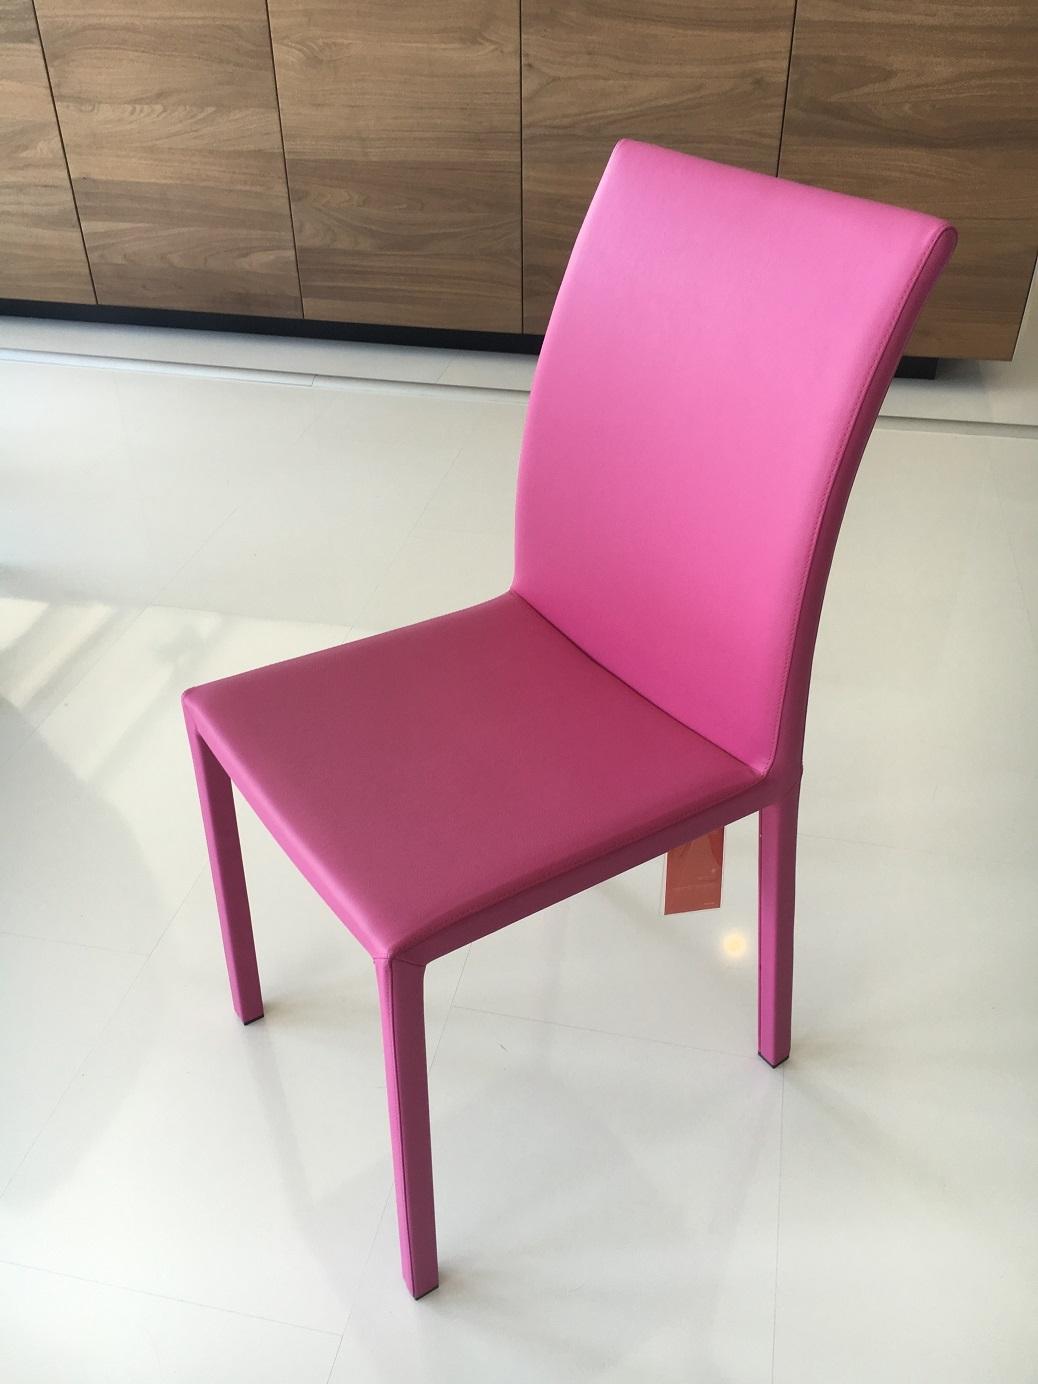 Sedia bonaldo marta ecopelle sedie a prezzi scontati - Materassi ricci casa ...